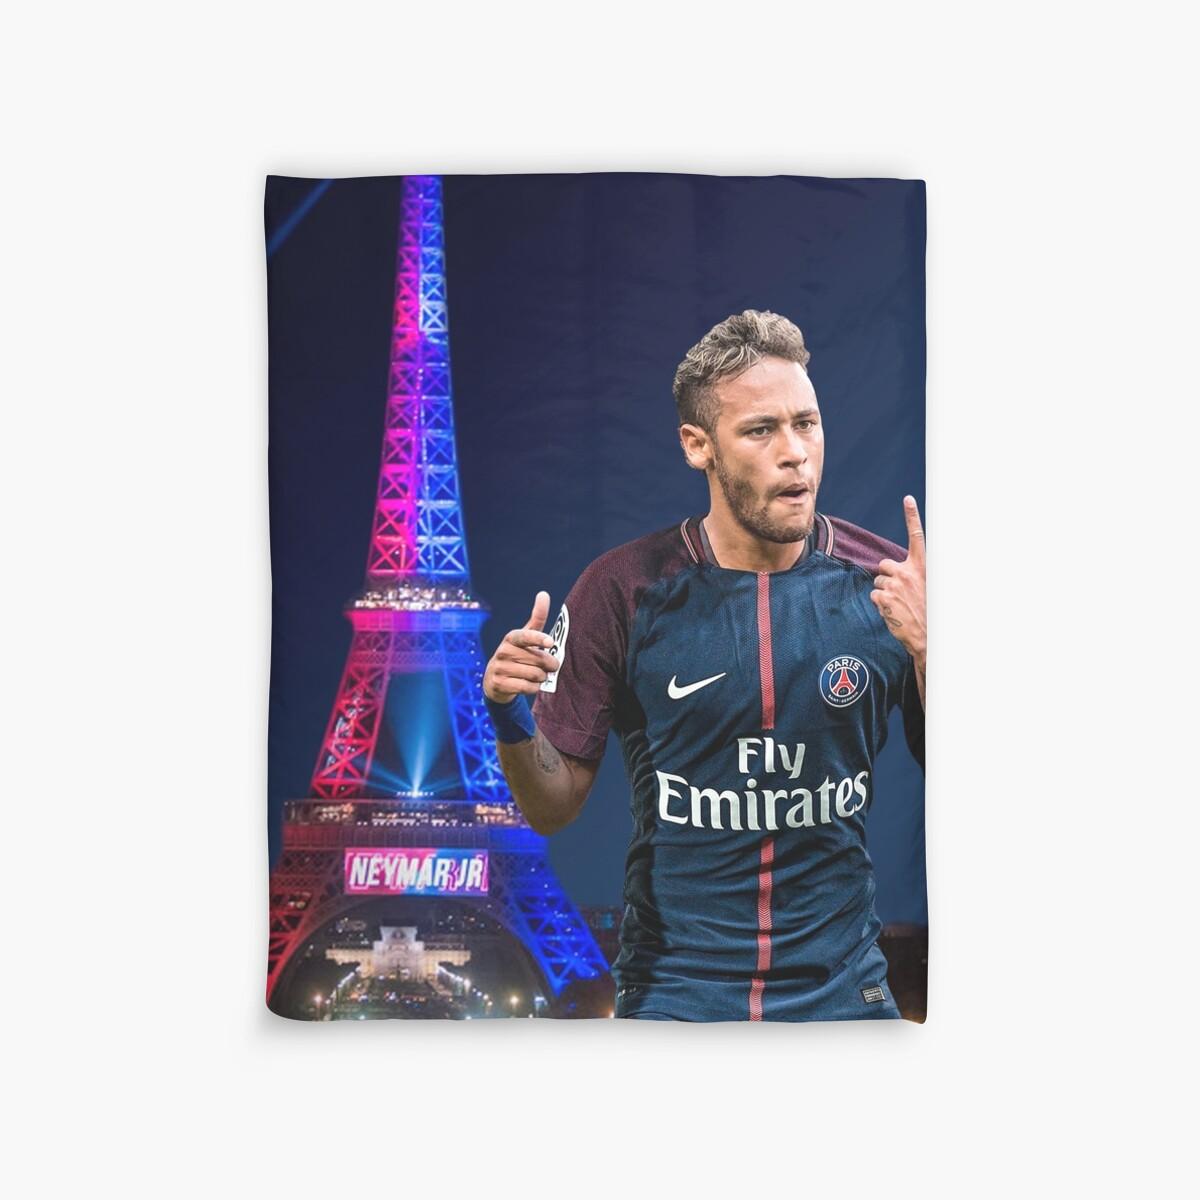 Top neymar psg par with housse psg - Couette psg 1 personne ...